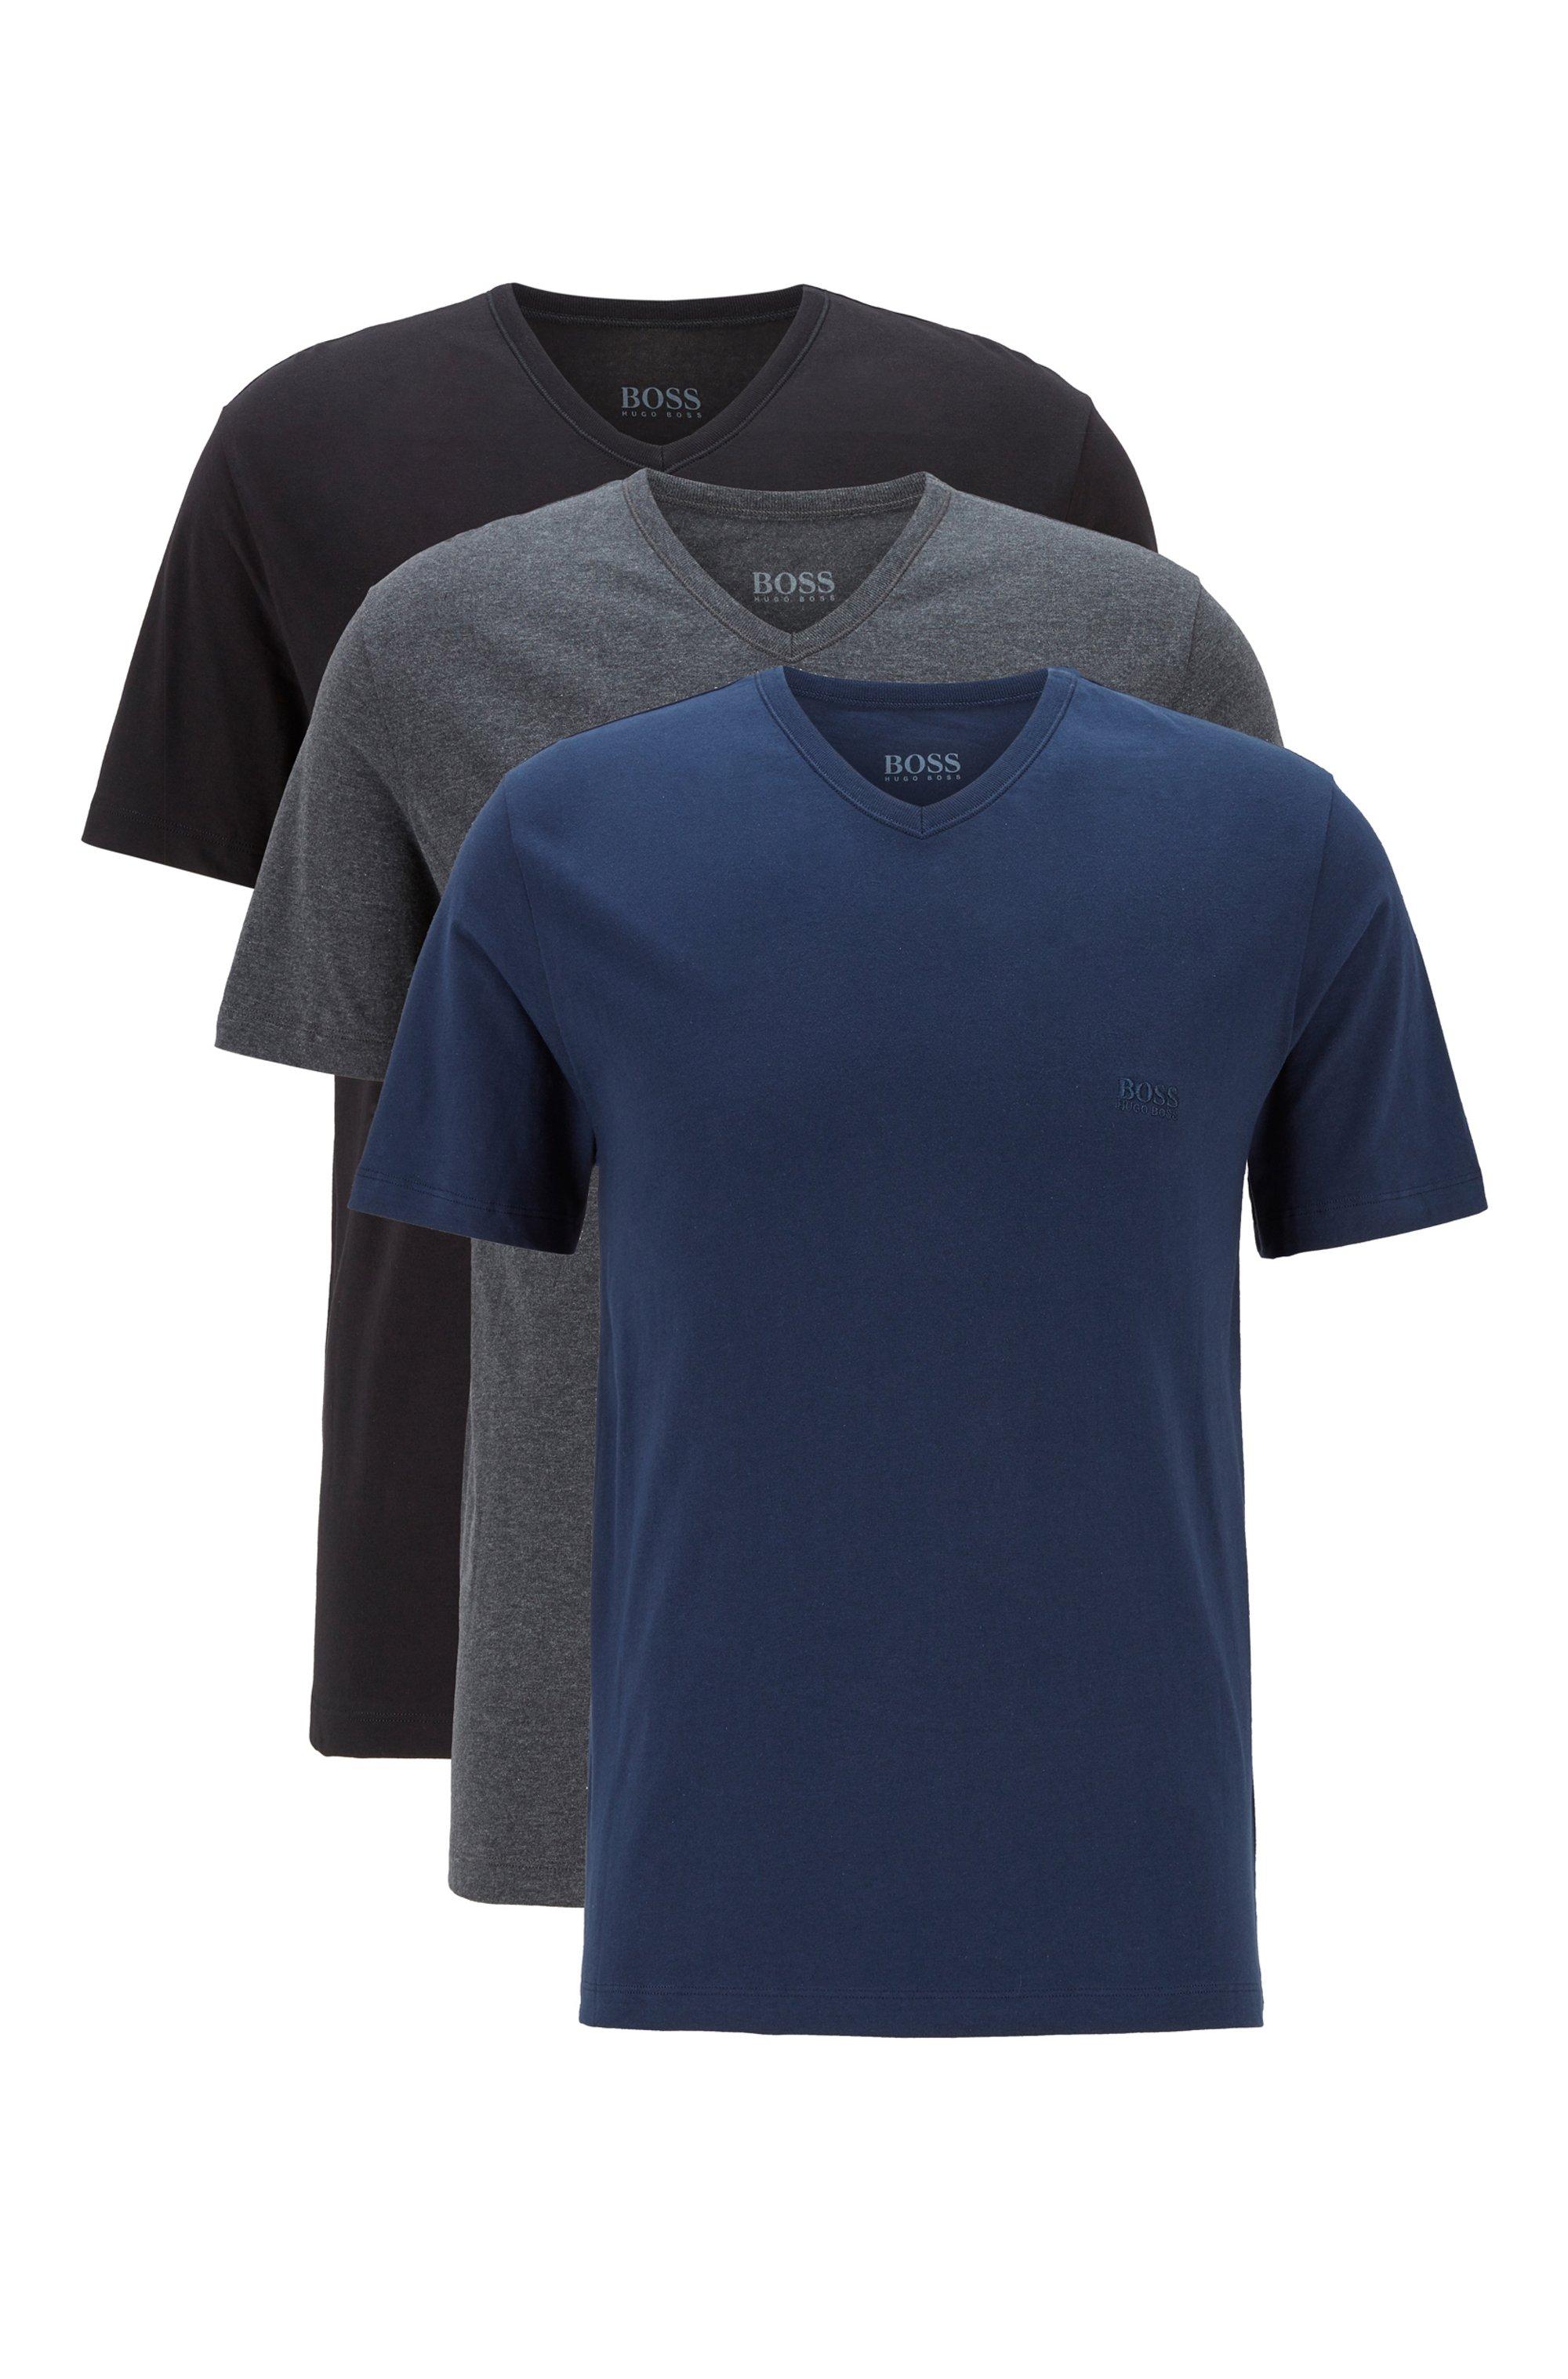 Magliette intime con scollo a V e logo ricamato in confezione da tre, Nero / Grigio / Blu